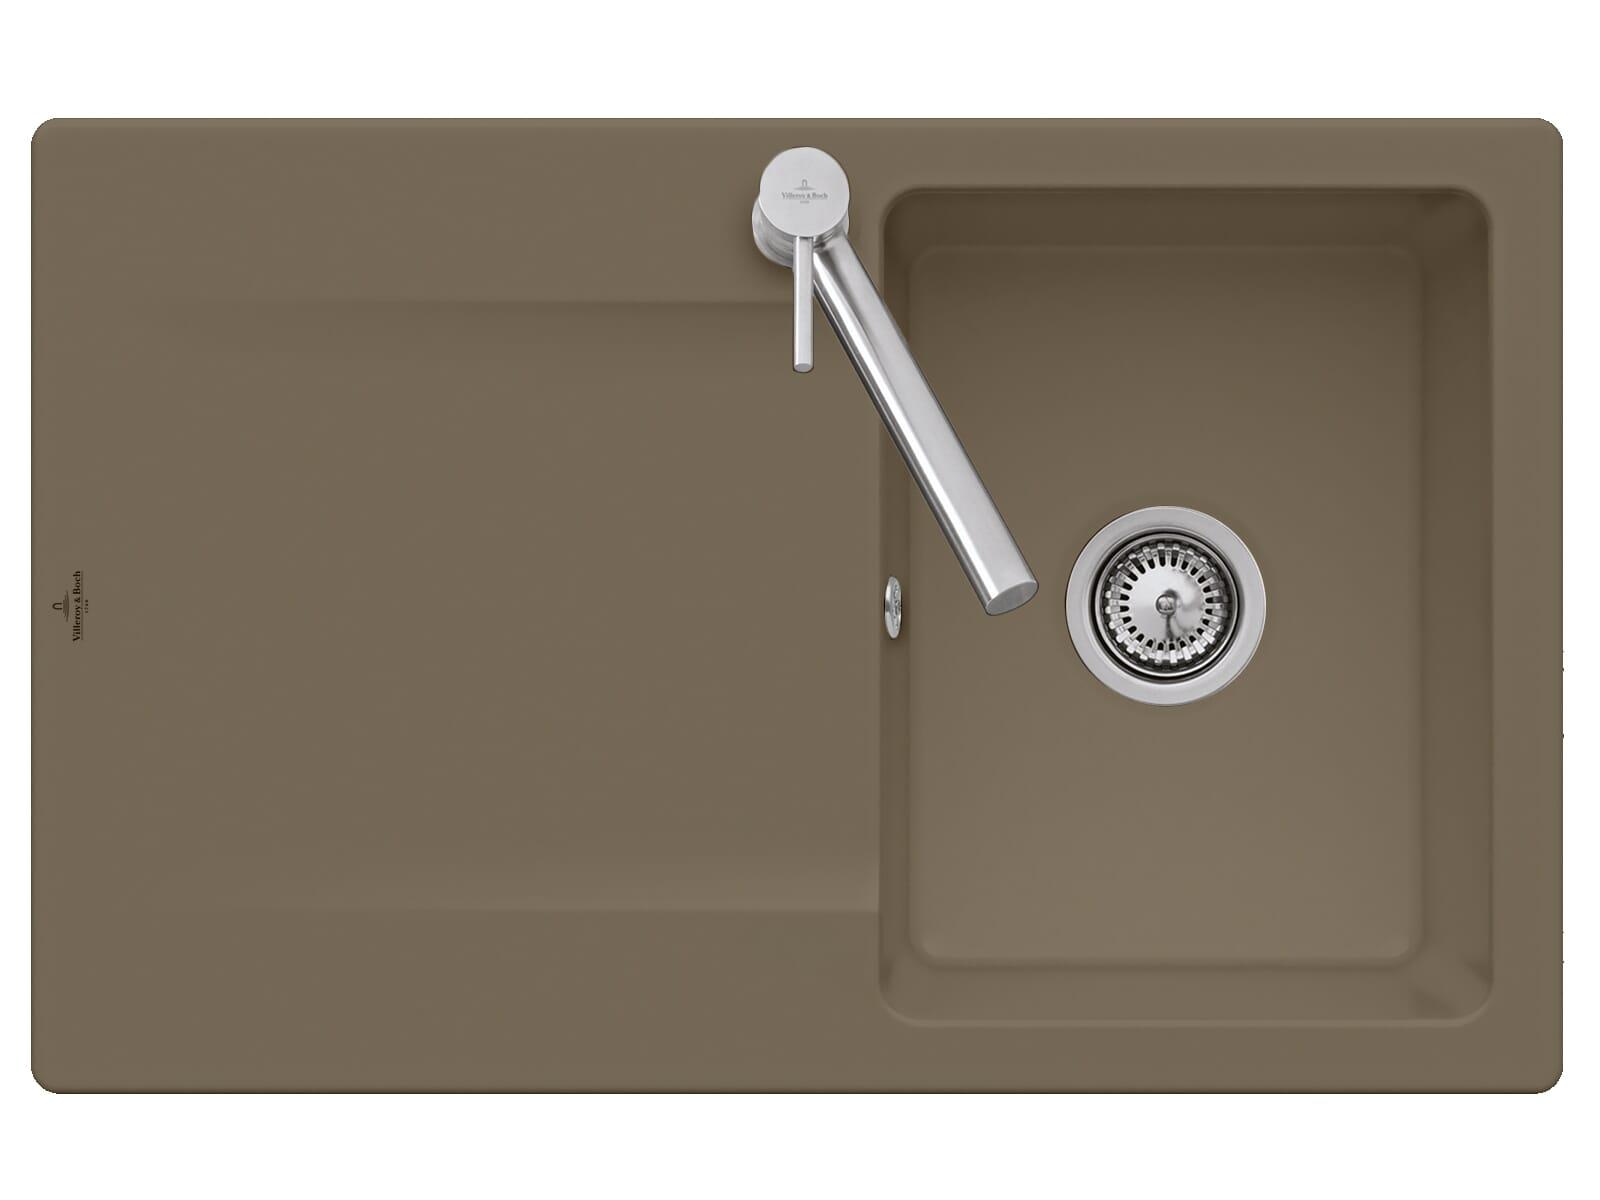 Villeroy & Boch Siluet 45 - 3334 01 TR Timber Keramikspüle Handbetätigung